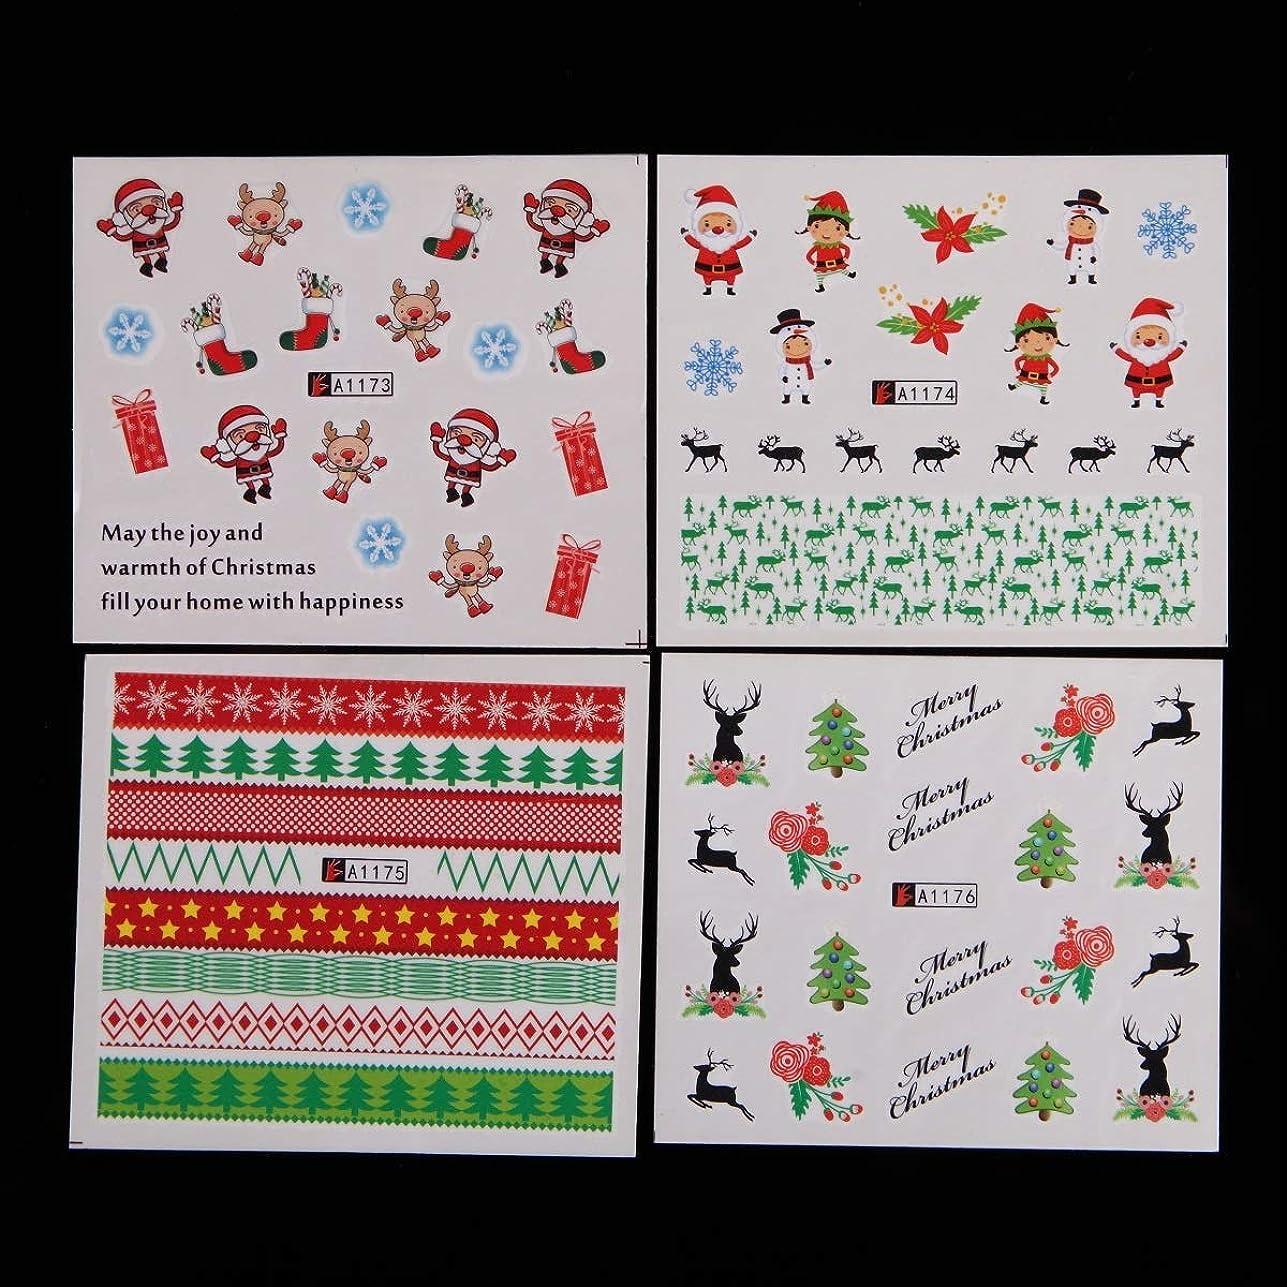 中レルムむしろKerwinner 48個/セットネイルデカールステッカー自己接着DIYネイルアート水転写ヒントステンシルステッカー2ハロウィーンゴーストカボチャ城スカルとクリスマスの装飾ツールのスタイル (Color : CHRISTMAS SET)